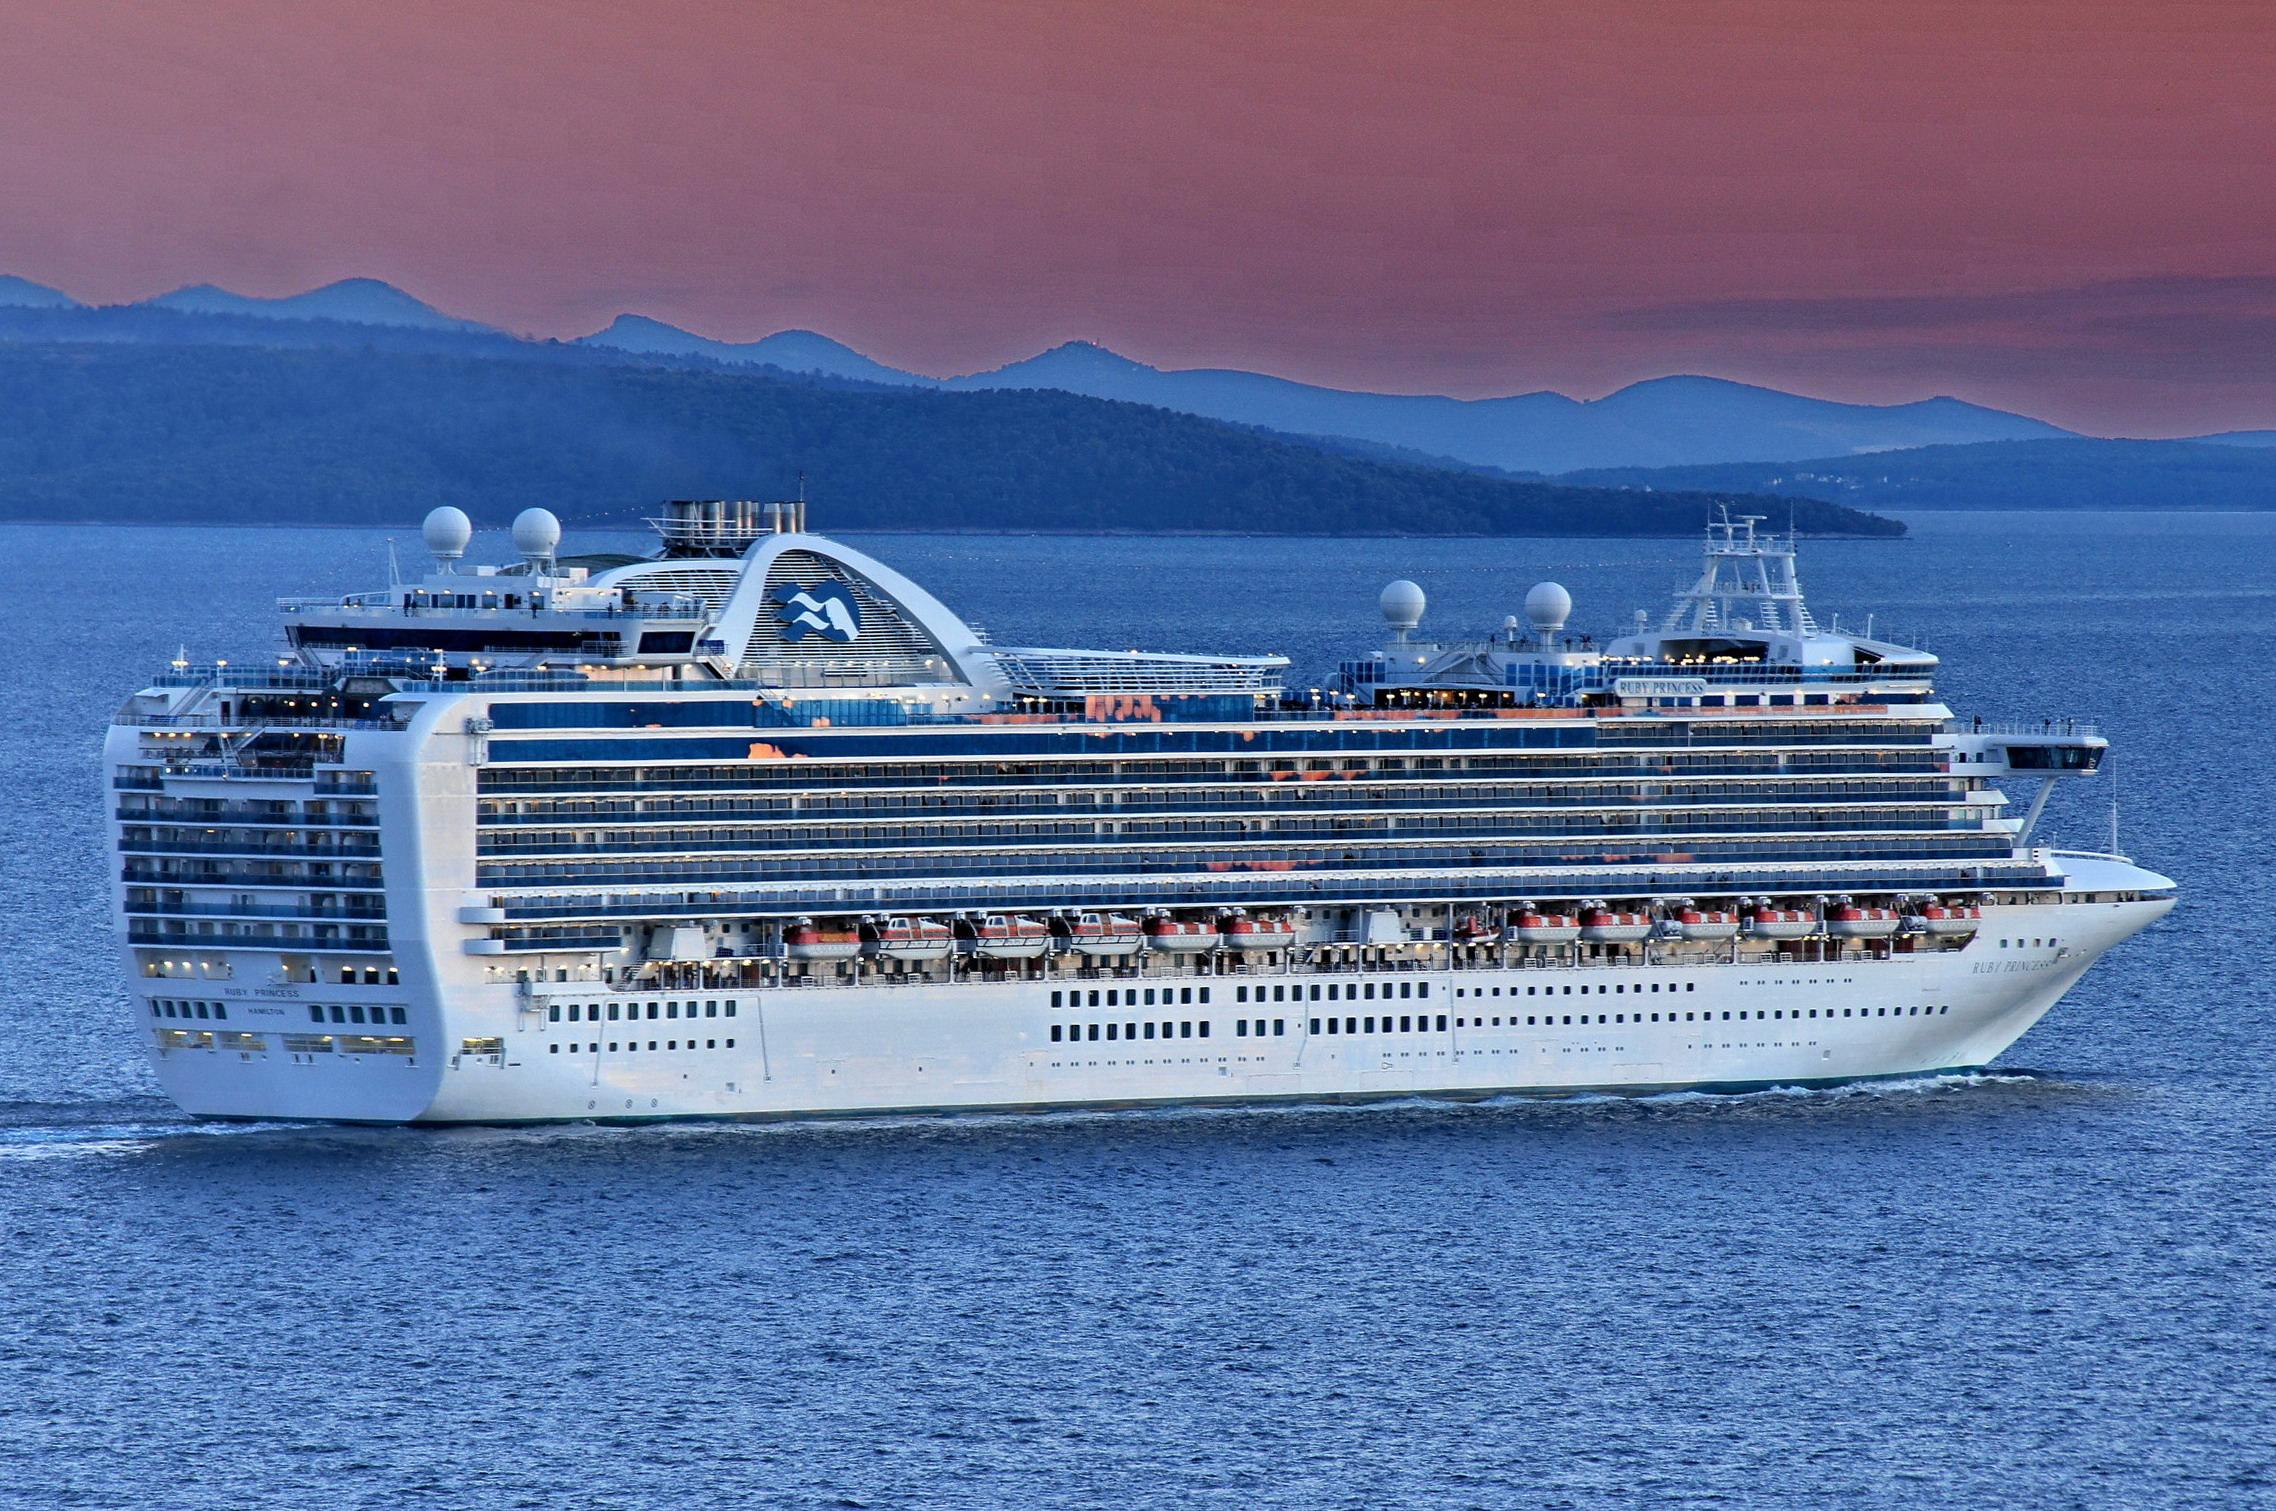 File Ruby Princess Ship 2008 Imo 9378462 In Split